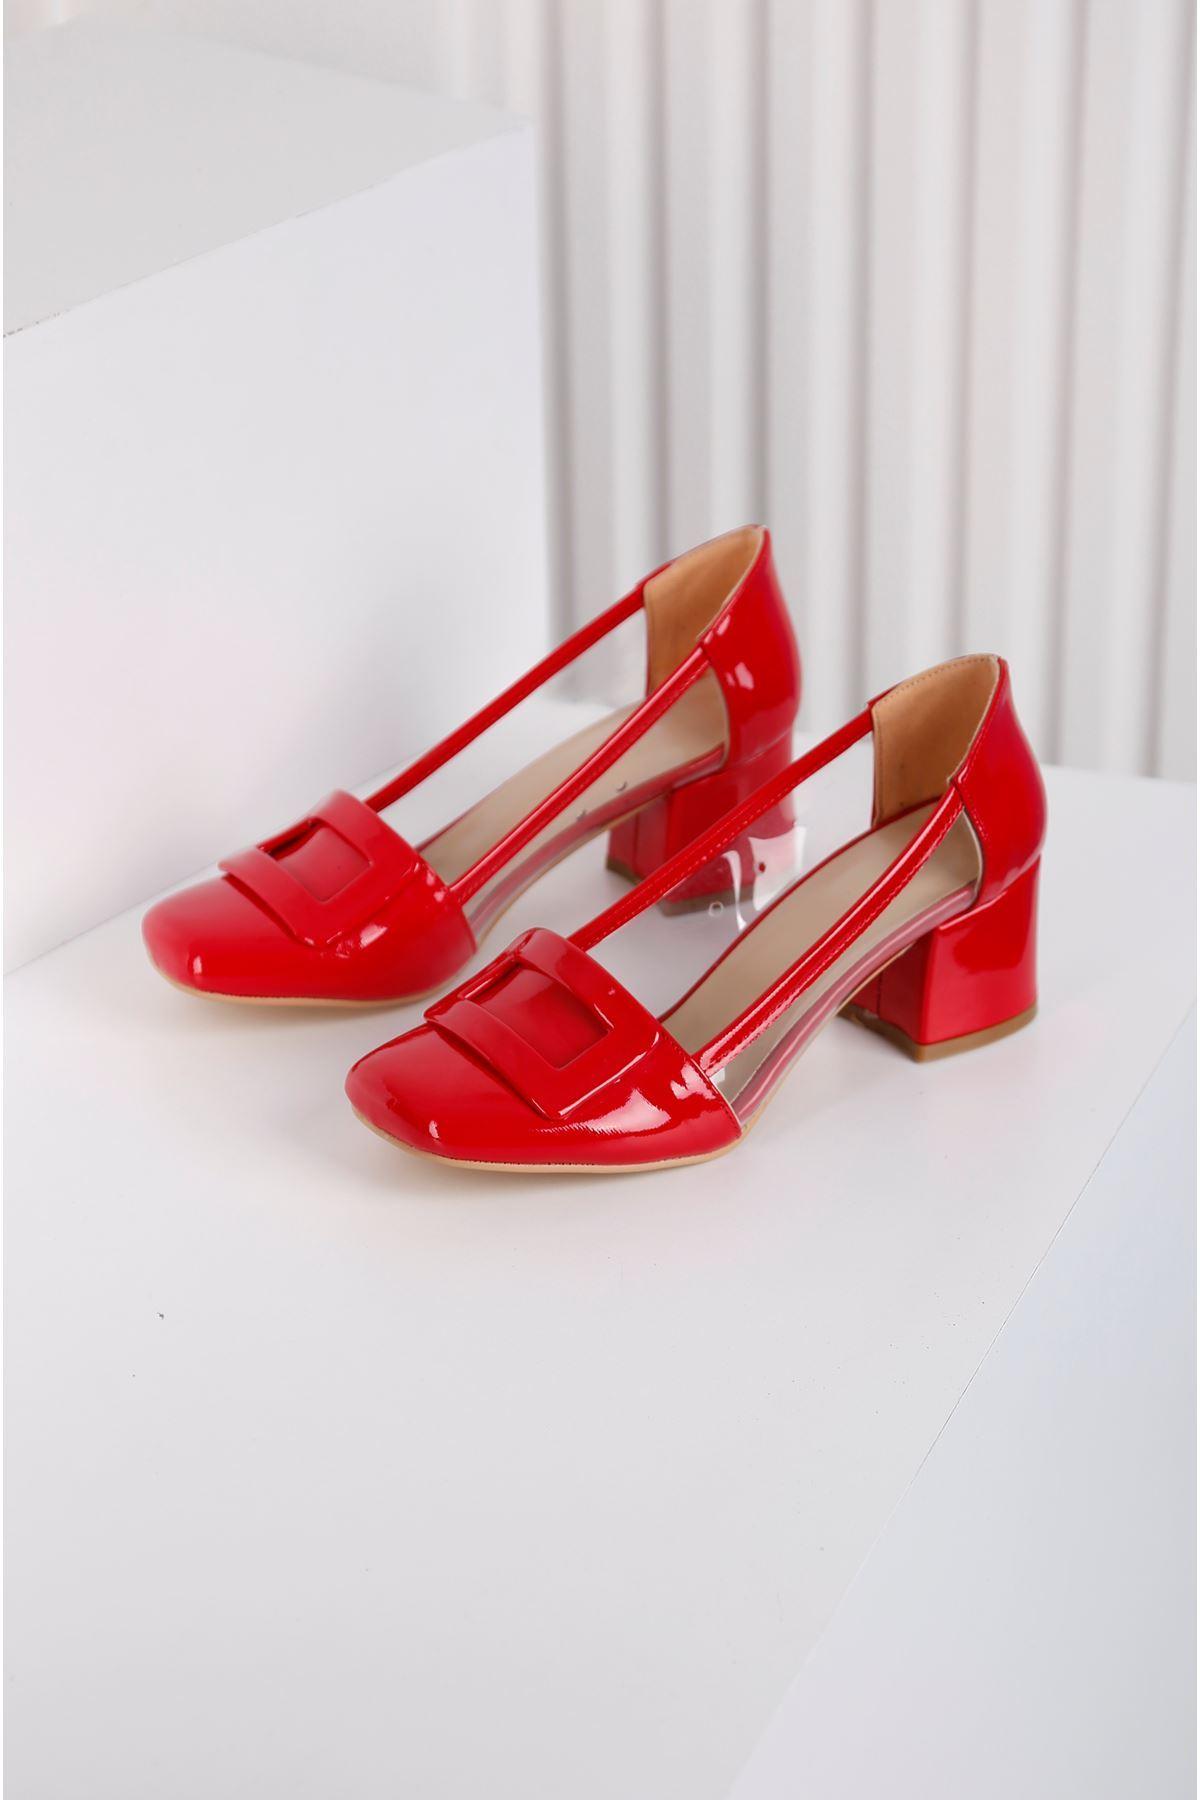 Barbie Topuklu Kırmızı Şefaf Ayakkabı